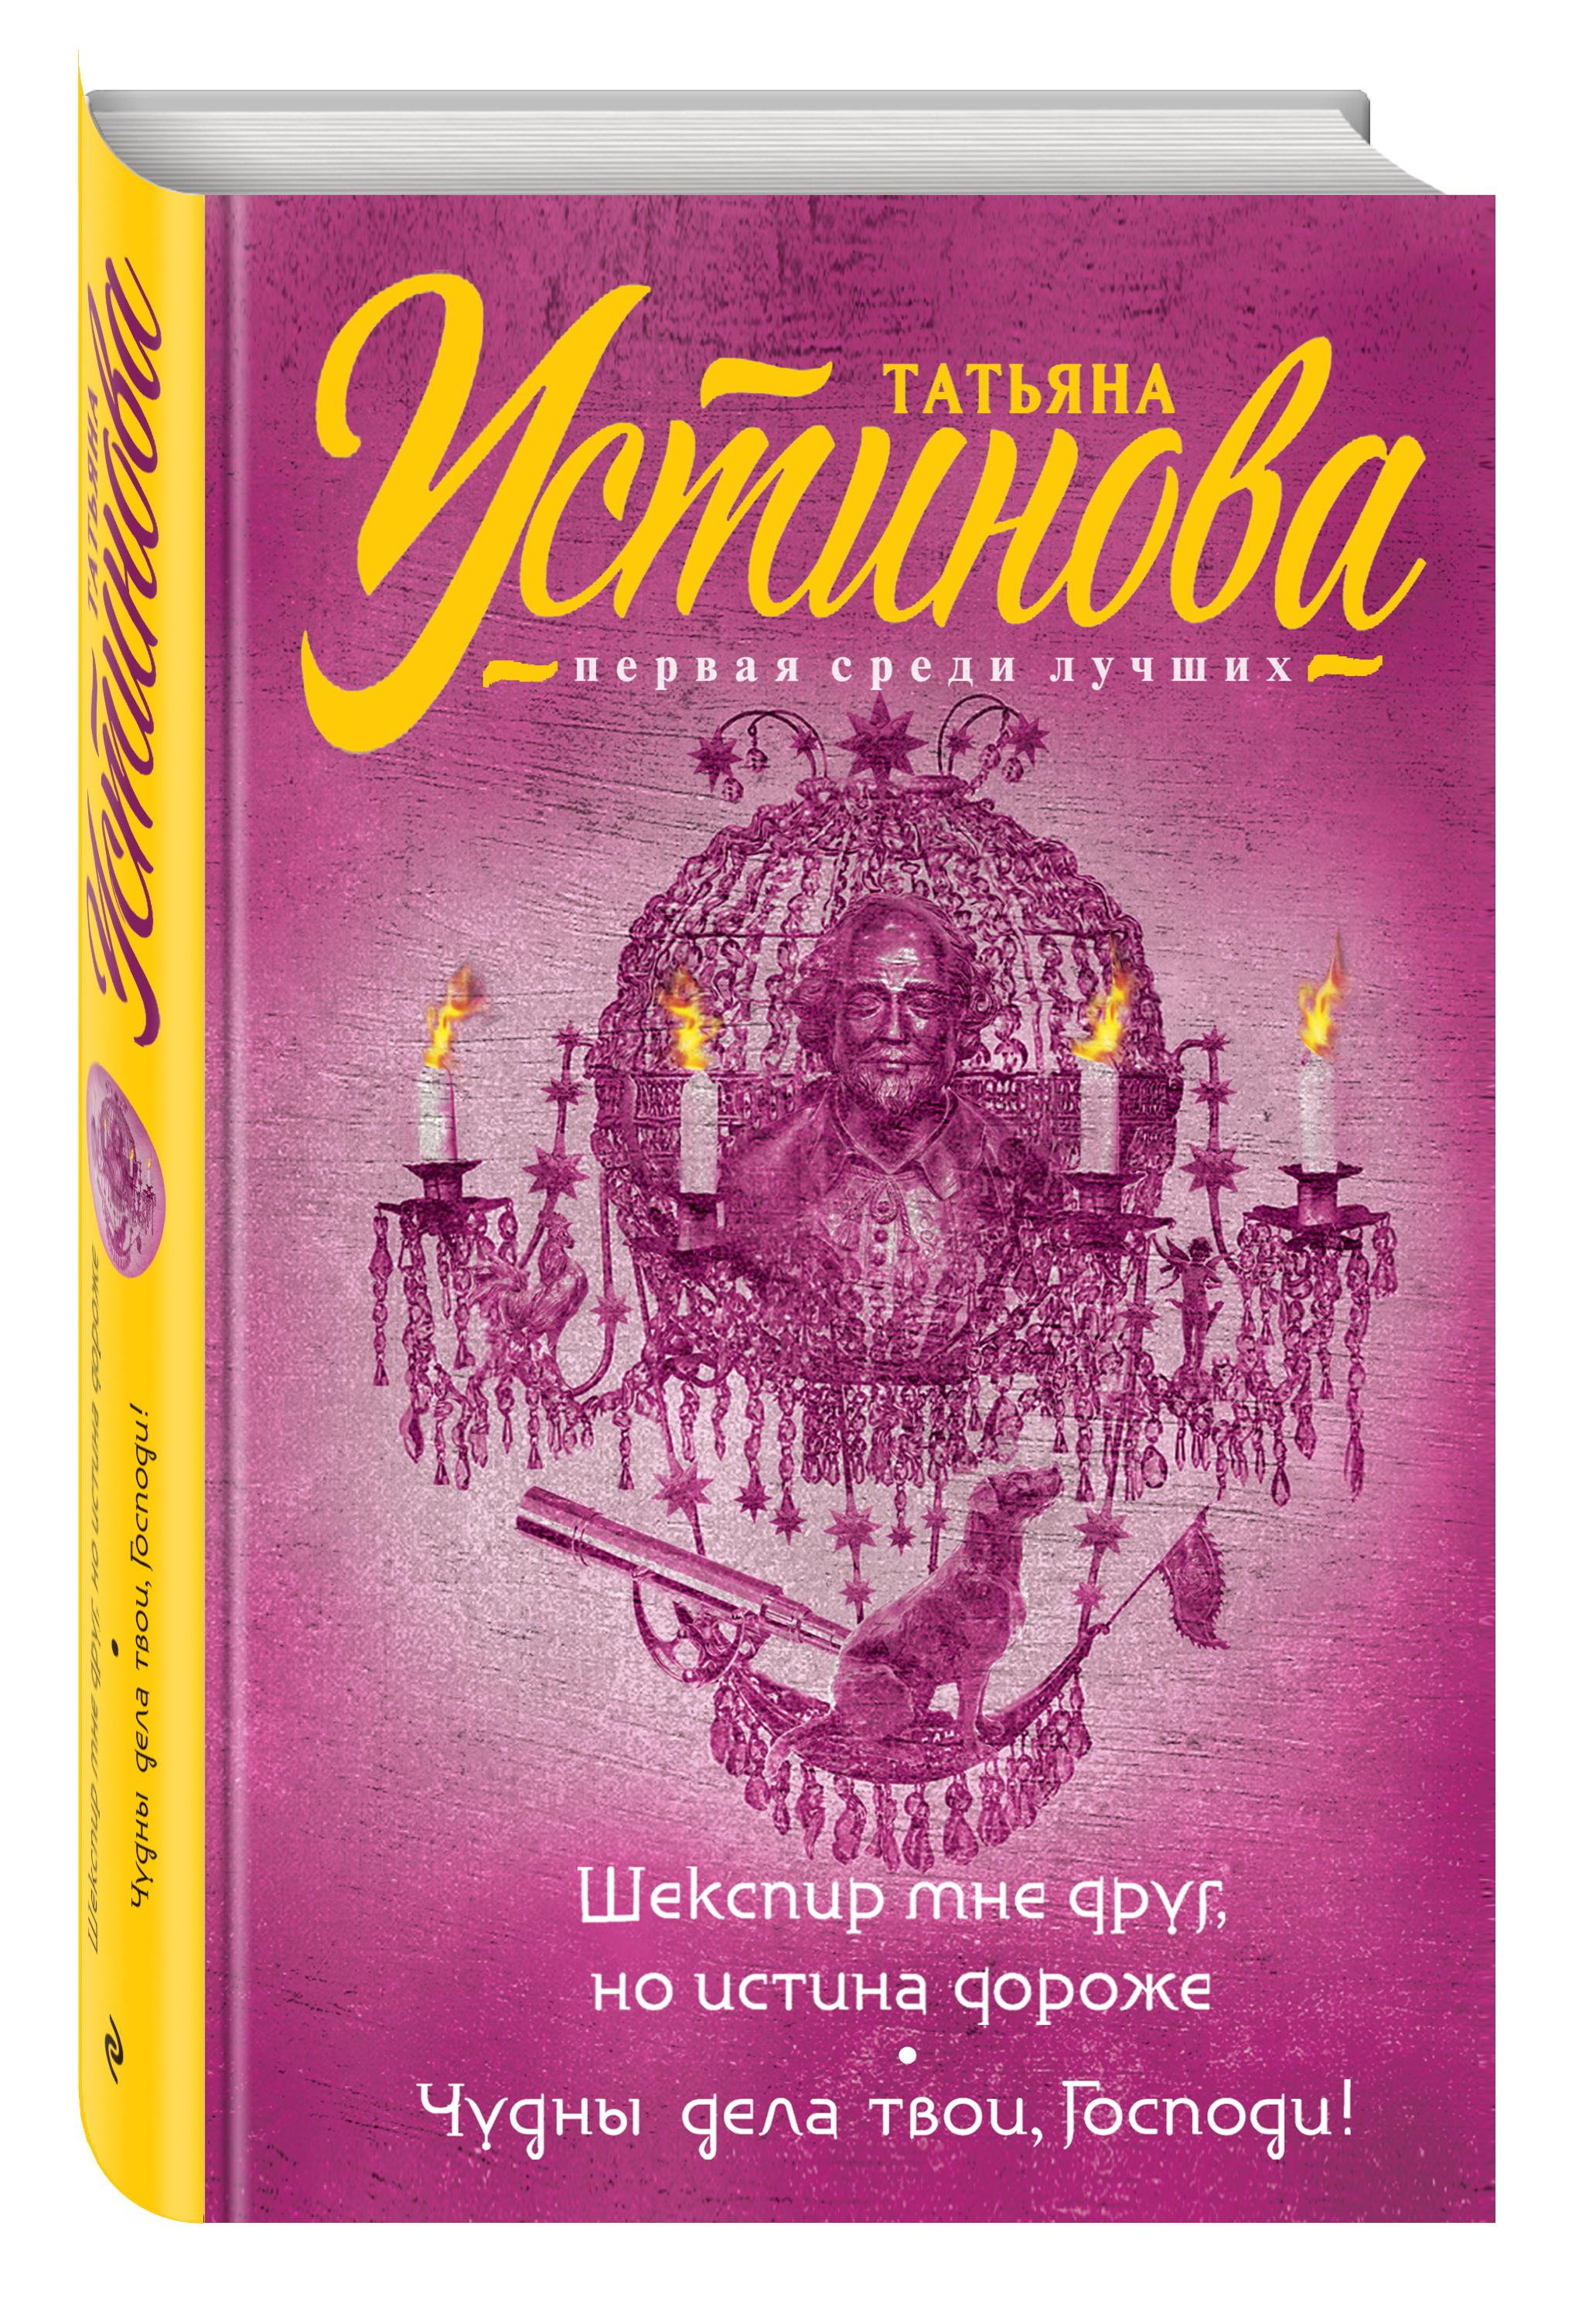 Татьяна Устинова Шекспир мне друг, но истина дороже. Чудны дела твои, Господи!